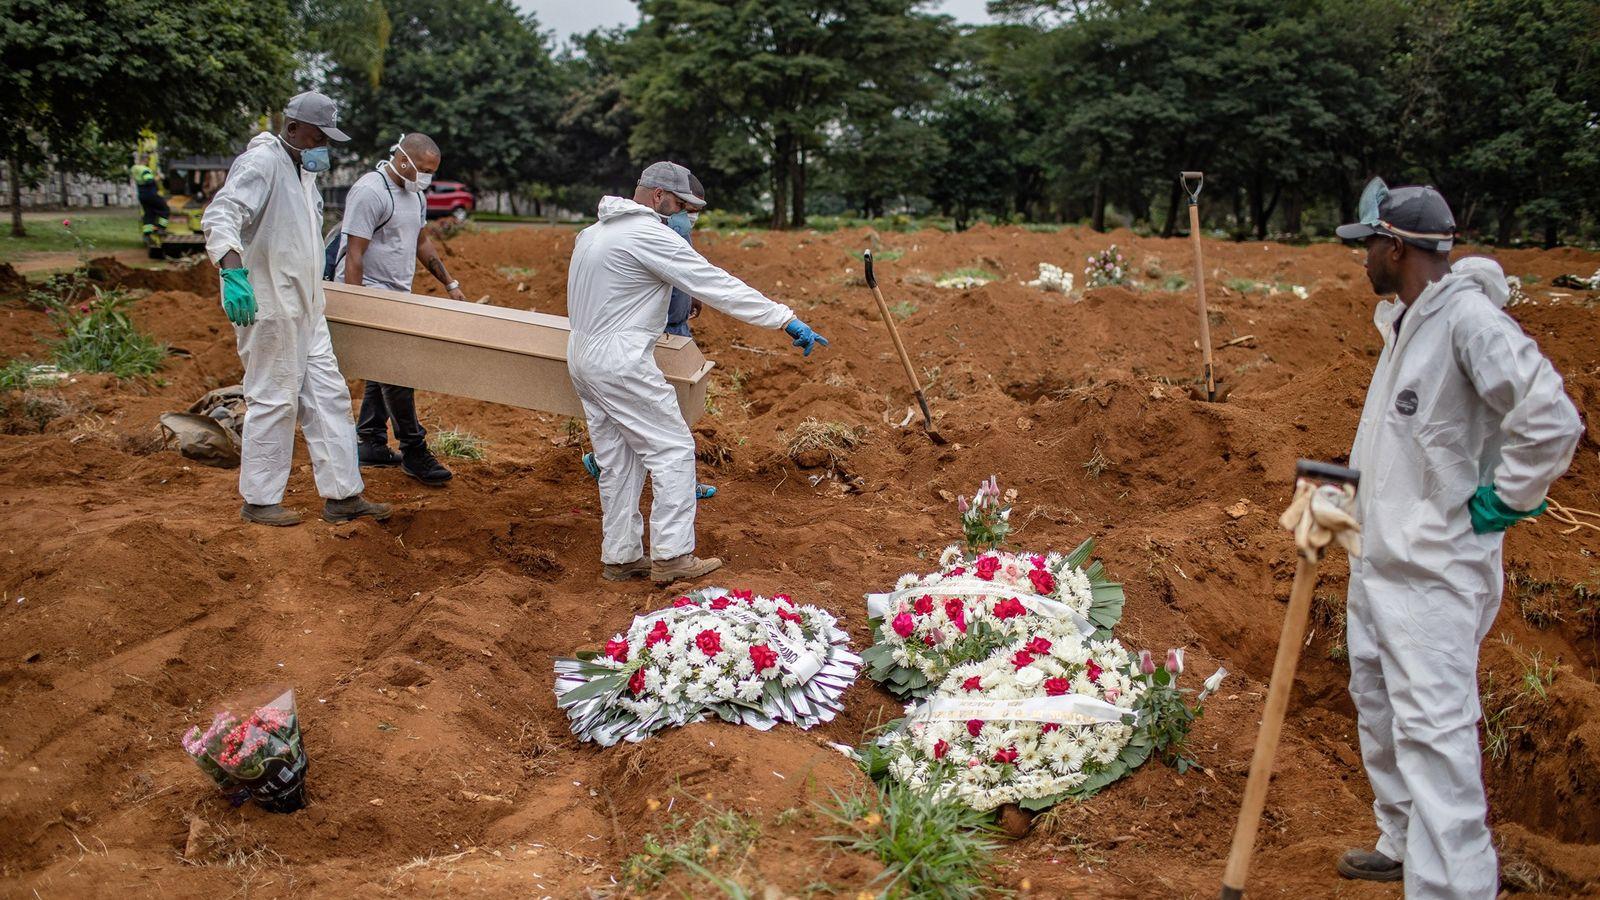 Enterro de uma vítima de coronavírus no cemitério de Vila Formosa, em São Paulo, no Brasil, ...